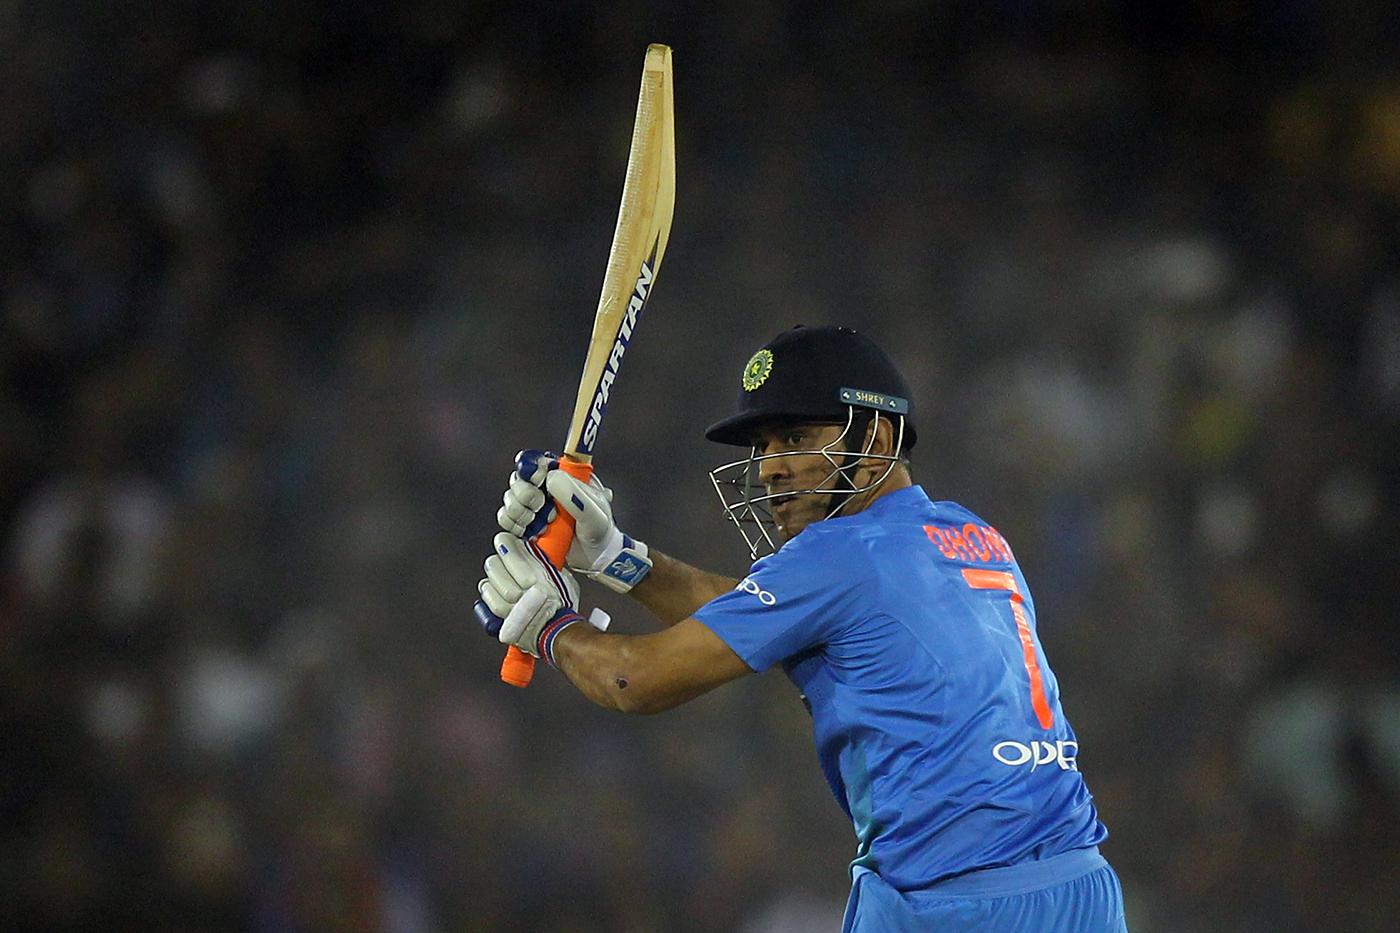 महेंद्र सिंह धोनी में अभी बहुत क्रिकेट बाकी है: आईपीएल चेयरमैन 2